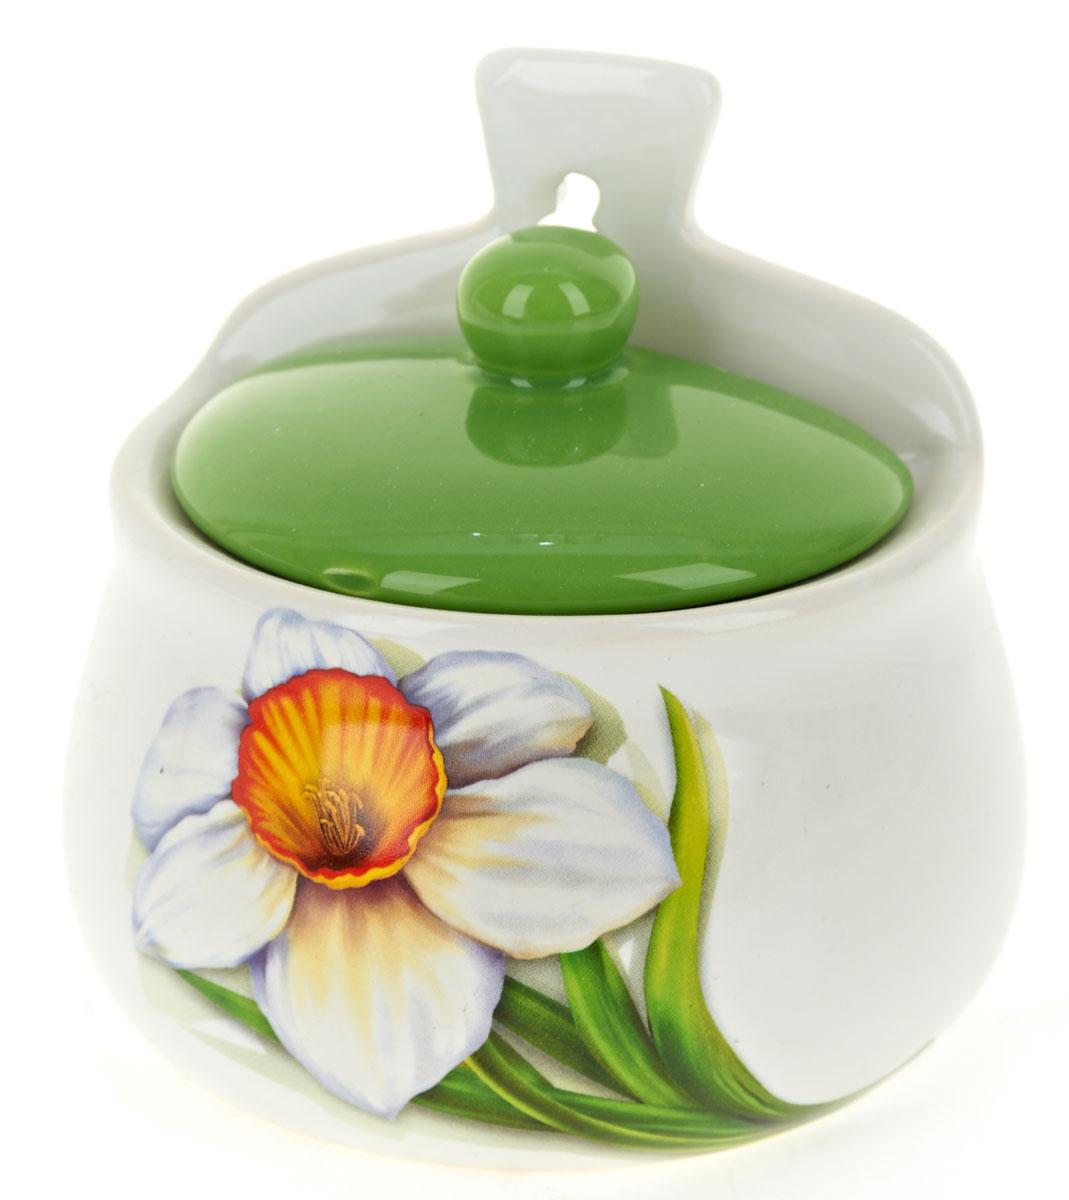 Солонка Polystar НарциссL2520309Оригинальная солонка Нарцисс изготовлена из высококачественной керамики. Изделие имеет отверстие для подвешивания. Солонка украсит любую кухню и подчеркнет прекрасный вкус хозяина.